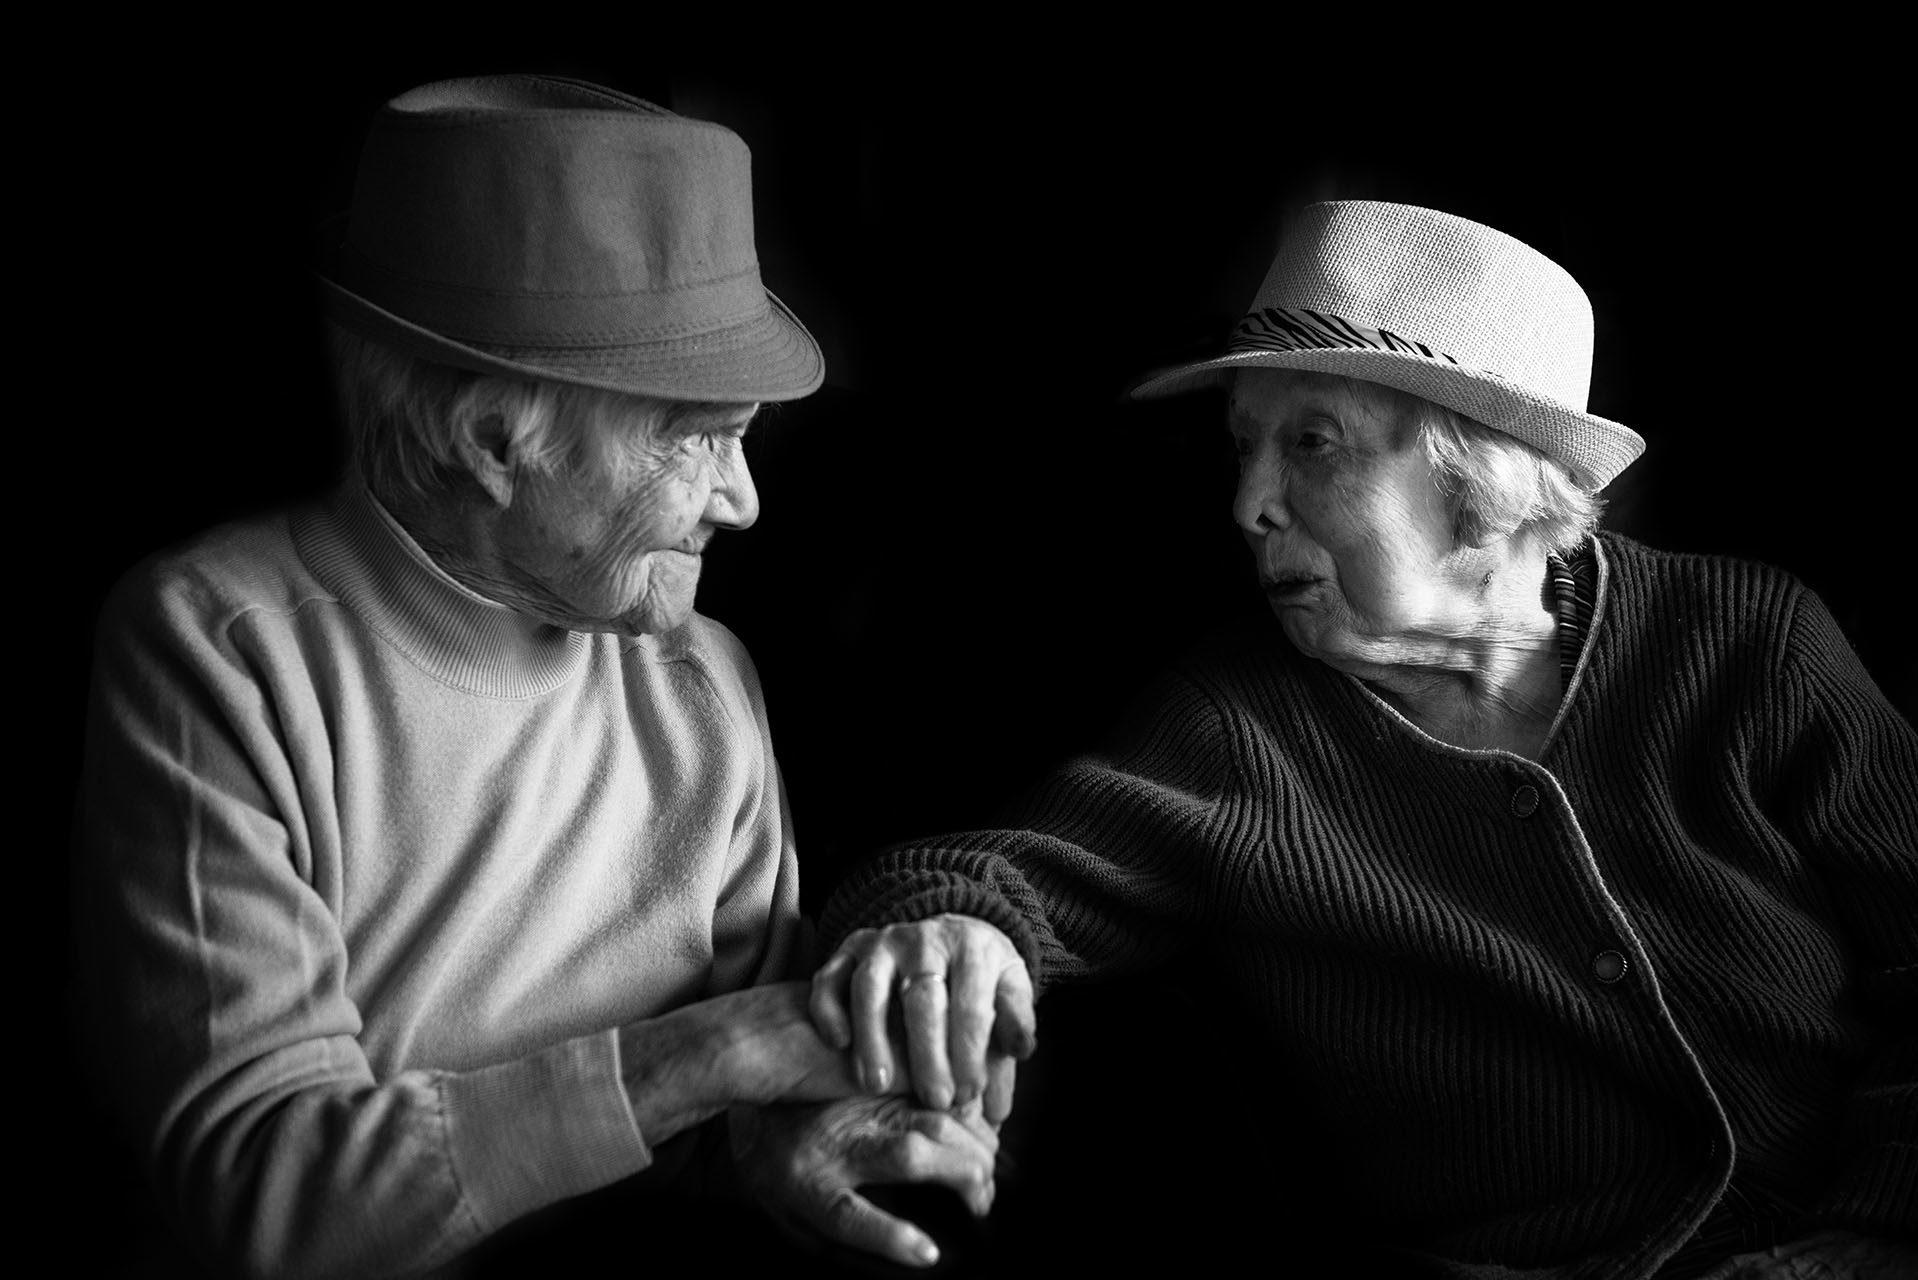 photographe-portraits-projet-des-centenaires-et-des-roses-residence-jean-23-ile-de-france-val-de-marne-maya-angelsen